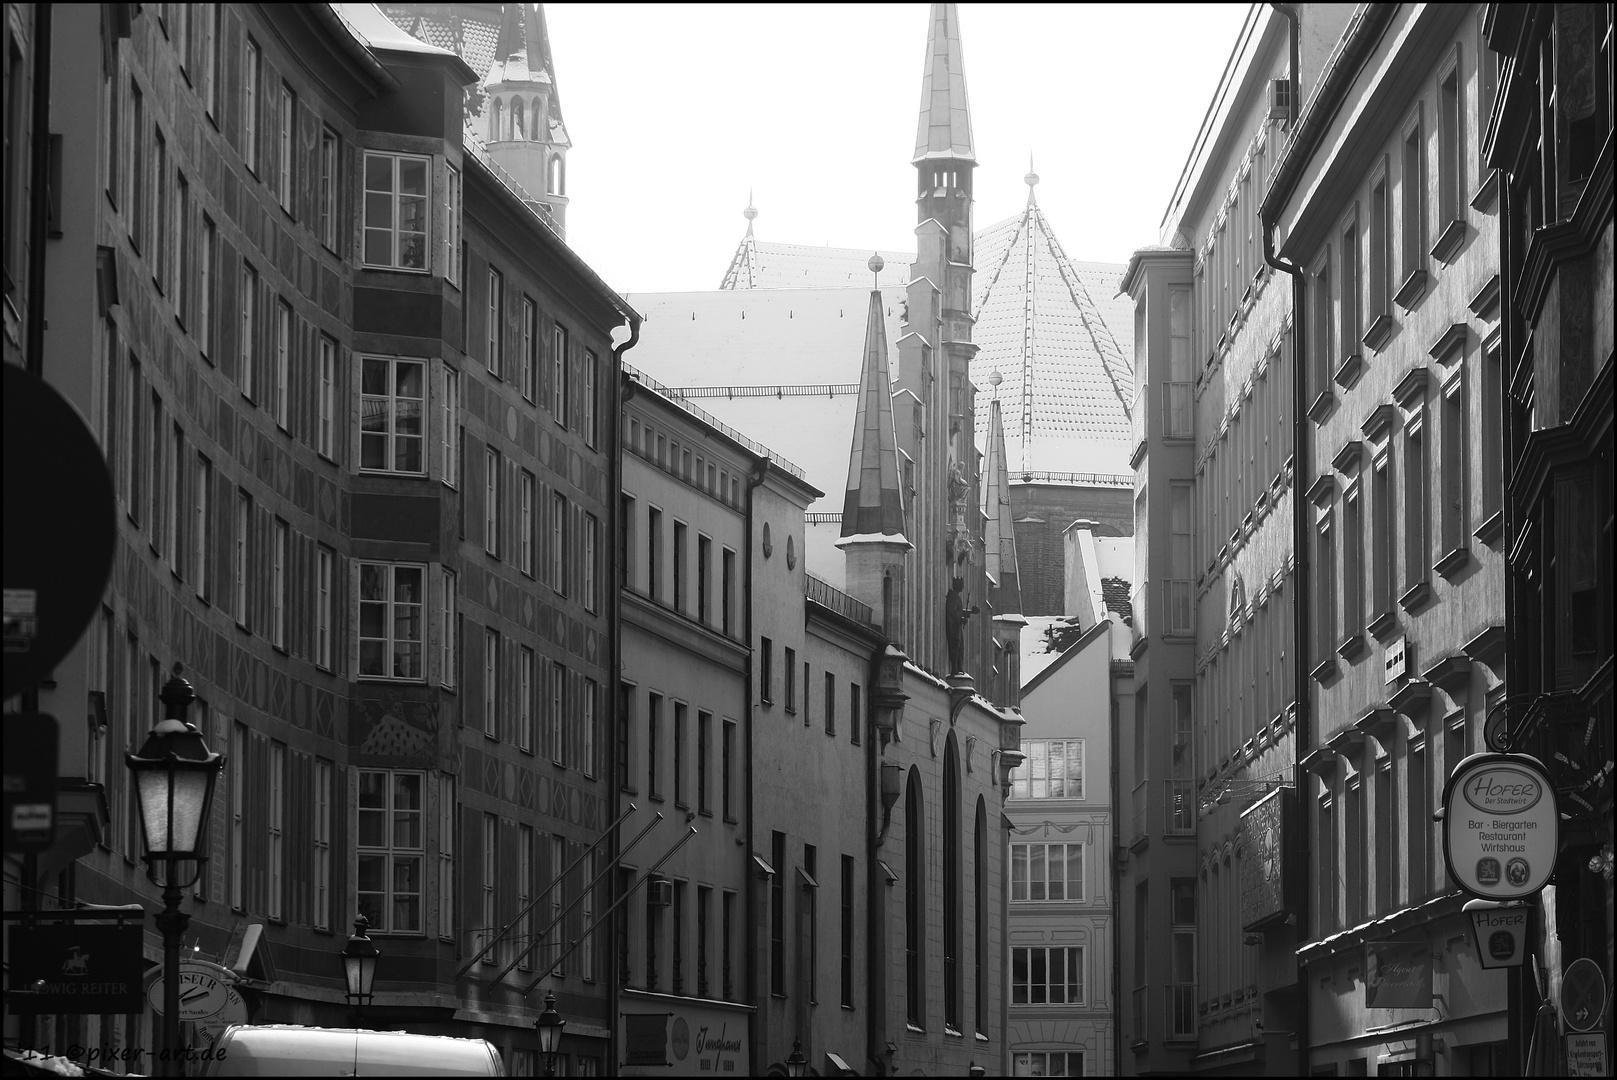 Münchener Altstadt